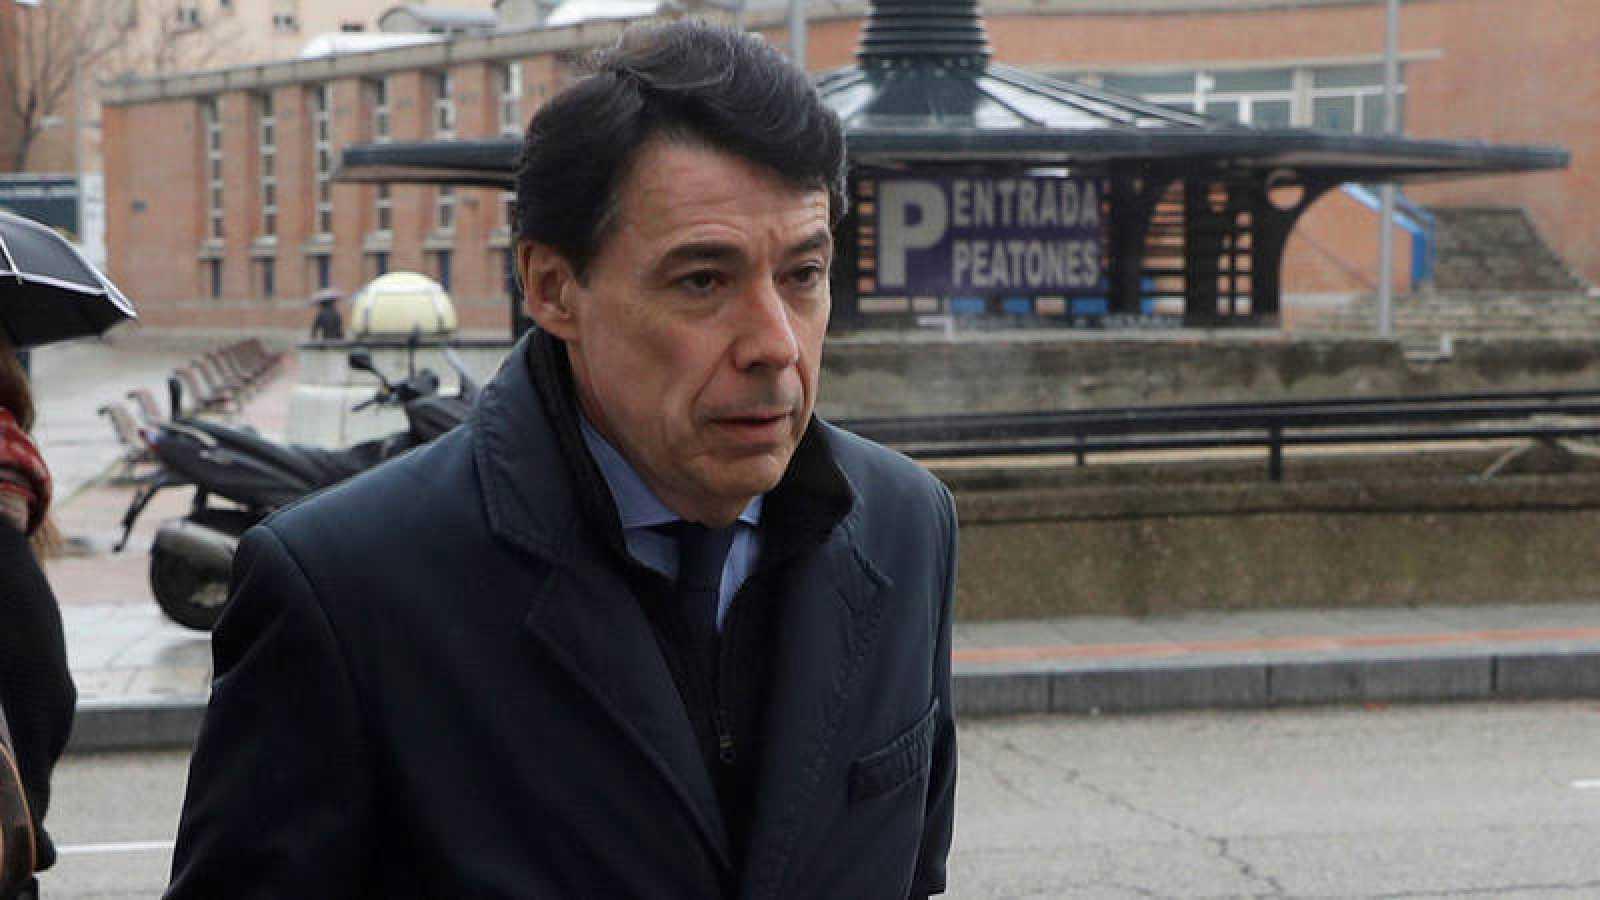 El expresidente de la Comunidad de Madrid Ignacio González a su llegada a los juzgados de la Plaza de Castilla